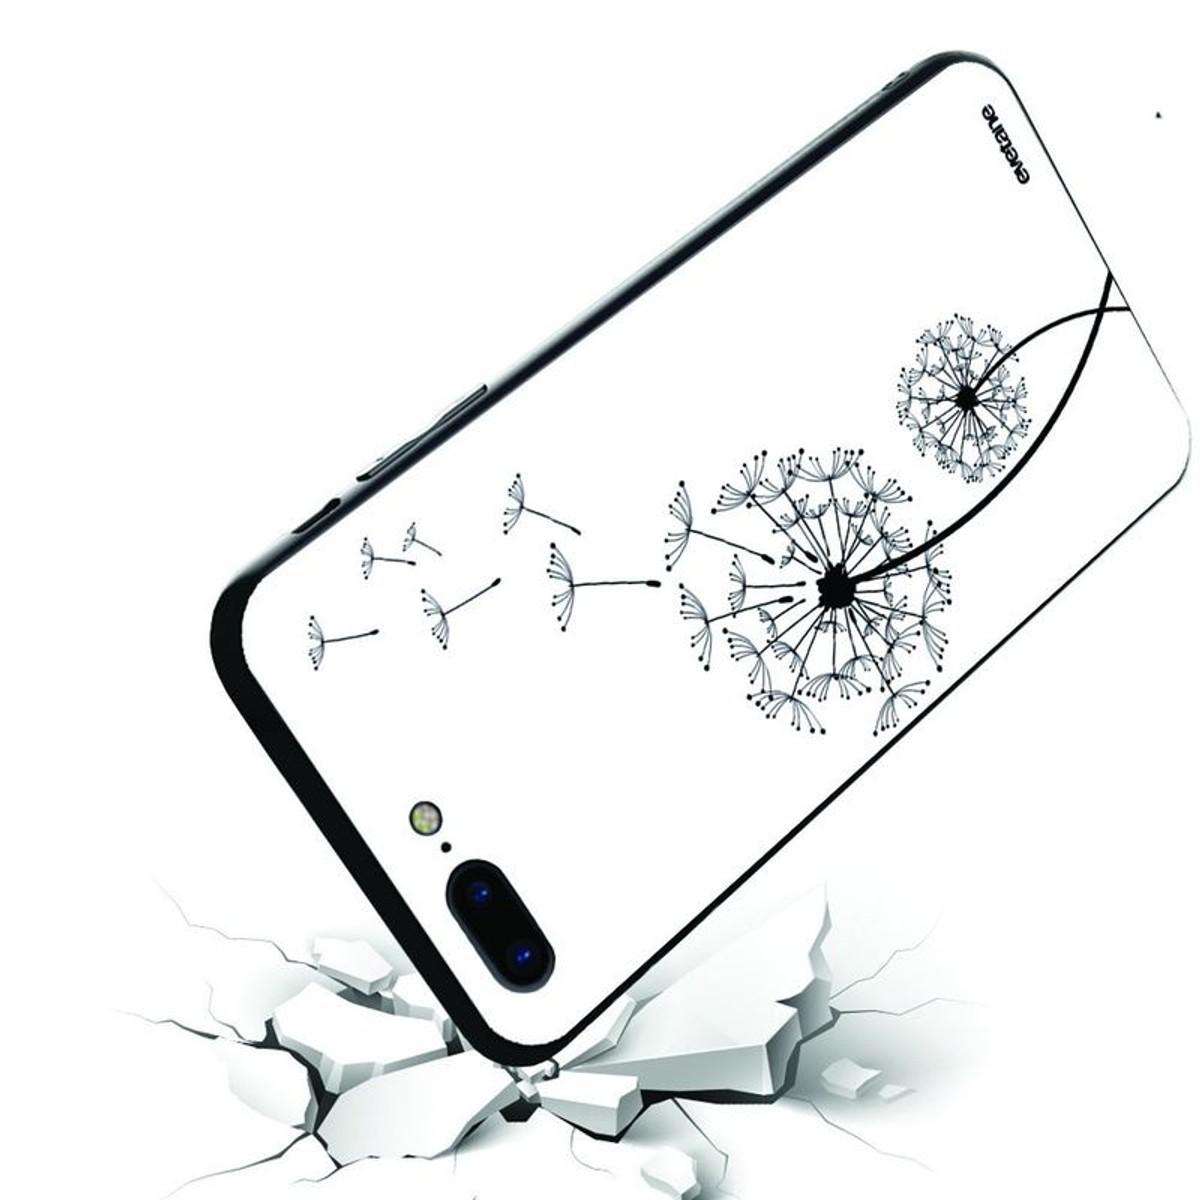 Coque IPhone 7 Plus / 8 Plus Verre Trempé